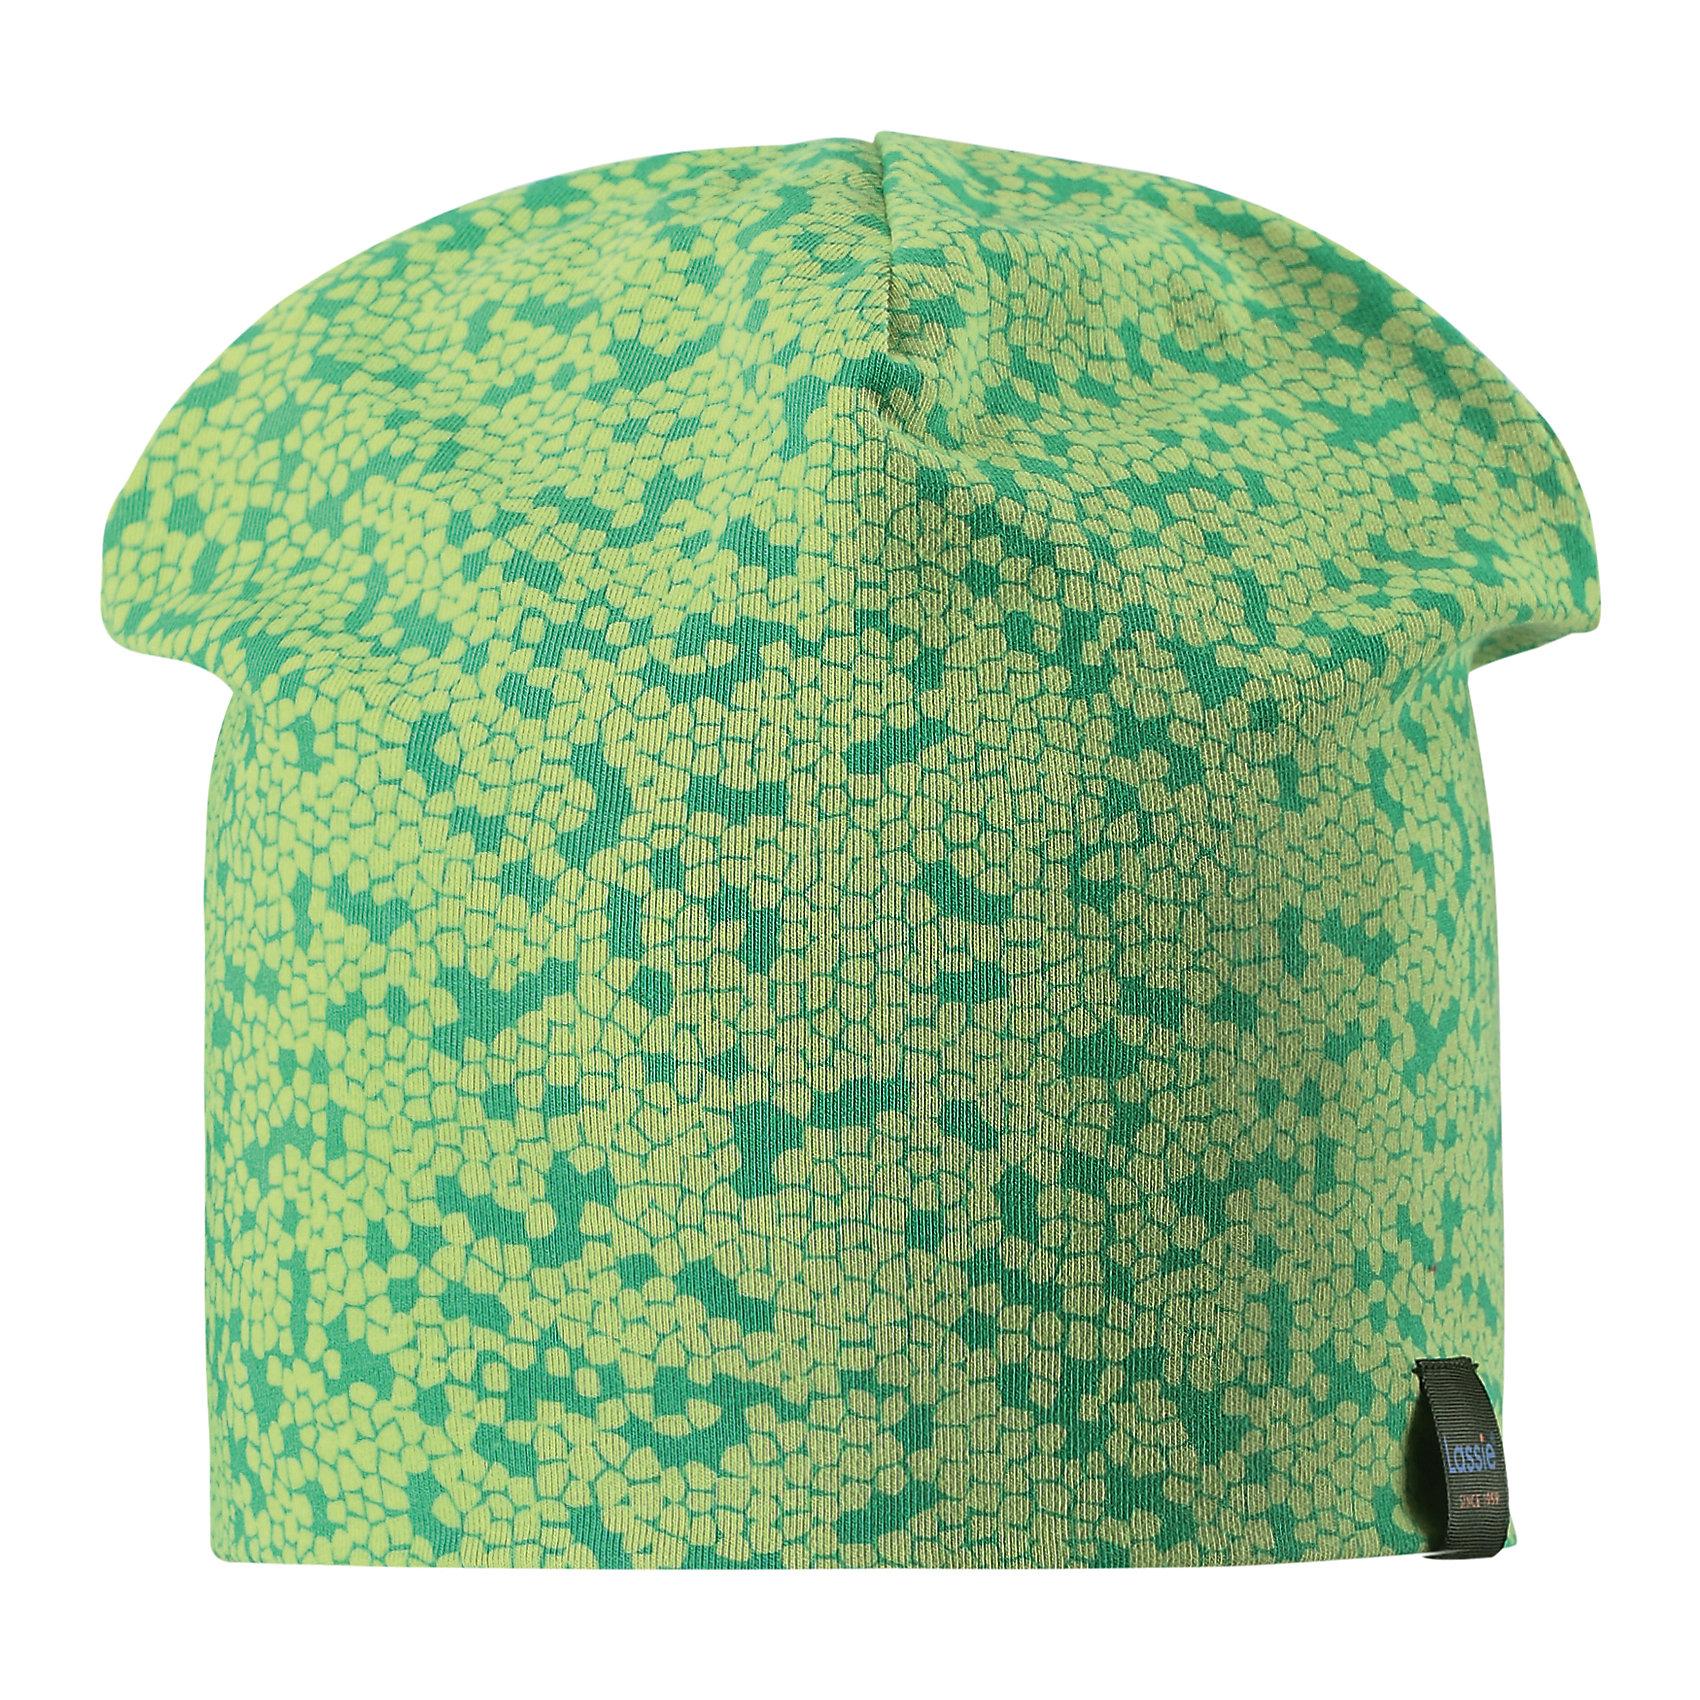 Шапка LASSIEШапки и шарфы<br>Характеристики товара:<br><br>• цвет: зеленый<br>• температурный режим: от +15°до +5°С<br>• состав: 97% хлопок, 3% эластан<br>• эластичный материал<br>• мягкая сплошная подкладка: смесь хлопка jersey<br>• ветронепроницаемые вставки в области ушей<br>• принт<br>• комфортная посадка<br>• страна производства: Китай<br>• страна бренда: Финляндия<br>• коллекция: весна-лето 2017<br><br>Детский головной убор может быть модным и удобным одновременно! Стильная шапка поможет обеспечить ребенку комфорт и дополнить наряд. Она отлично смотрится с различной одеждой. Шапка удобно сидит и аккуратно выглядит. Проста в уходе, долго служит. Продуманный крой разрабатывался специально для детей.<br><br>Обувь и одежда от финского бренда LASSIE пользуются популярностью во многих странах. Они стильные, качественные и удобные. Для производства продукции используются только безопасные, проверенные материалы и фурнитура. Порадуйте ребенка модными и красивыми вещами от Lassie®! <br><br>Шапку от финского бренда LASSIE можно купить в нашем интернет-магазине.<br><br>Ширина мм: 89<br>Глубина мм: 117<br>Высота мм: 44<br>Вес г: 155<br>Цвет: зеленый<br>Возраст от месяцев: 36<br>Возраст до месяцев: 60<br>Пол: Унисекс<br>Возраст: Детский<br>Размер: 50-52,46-48,54-56<br>SKU: 5264215